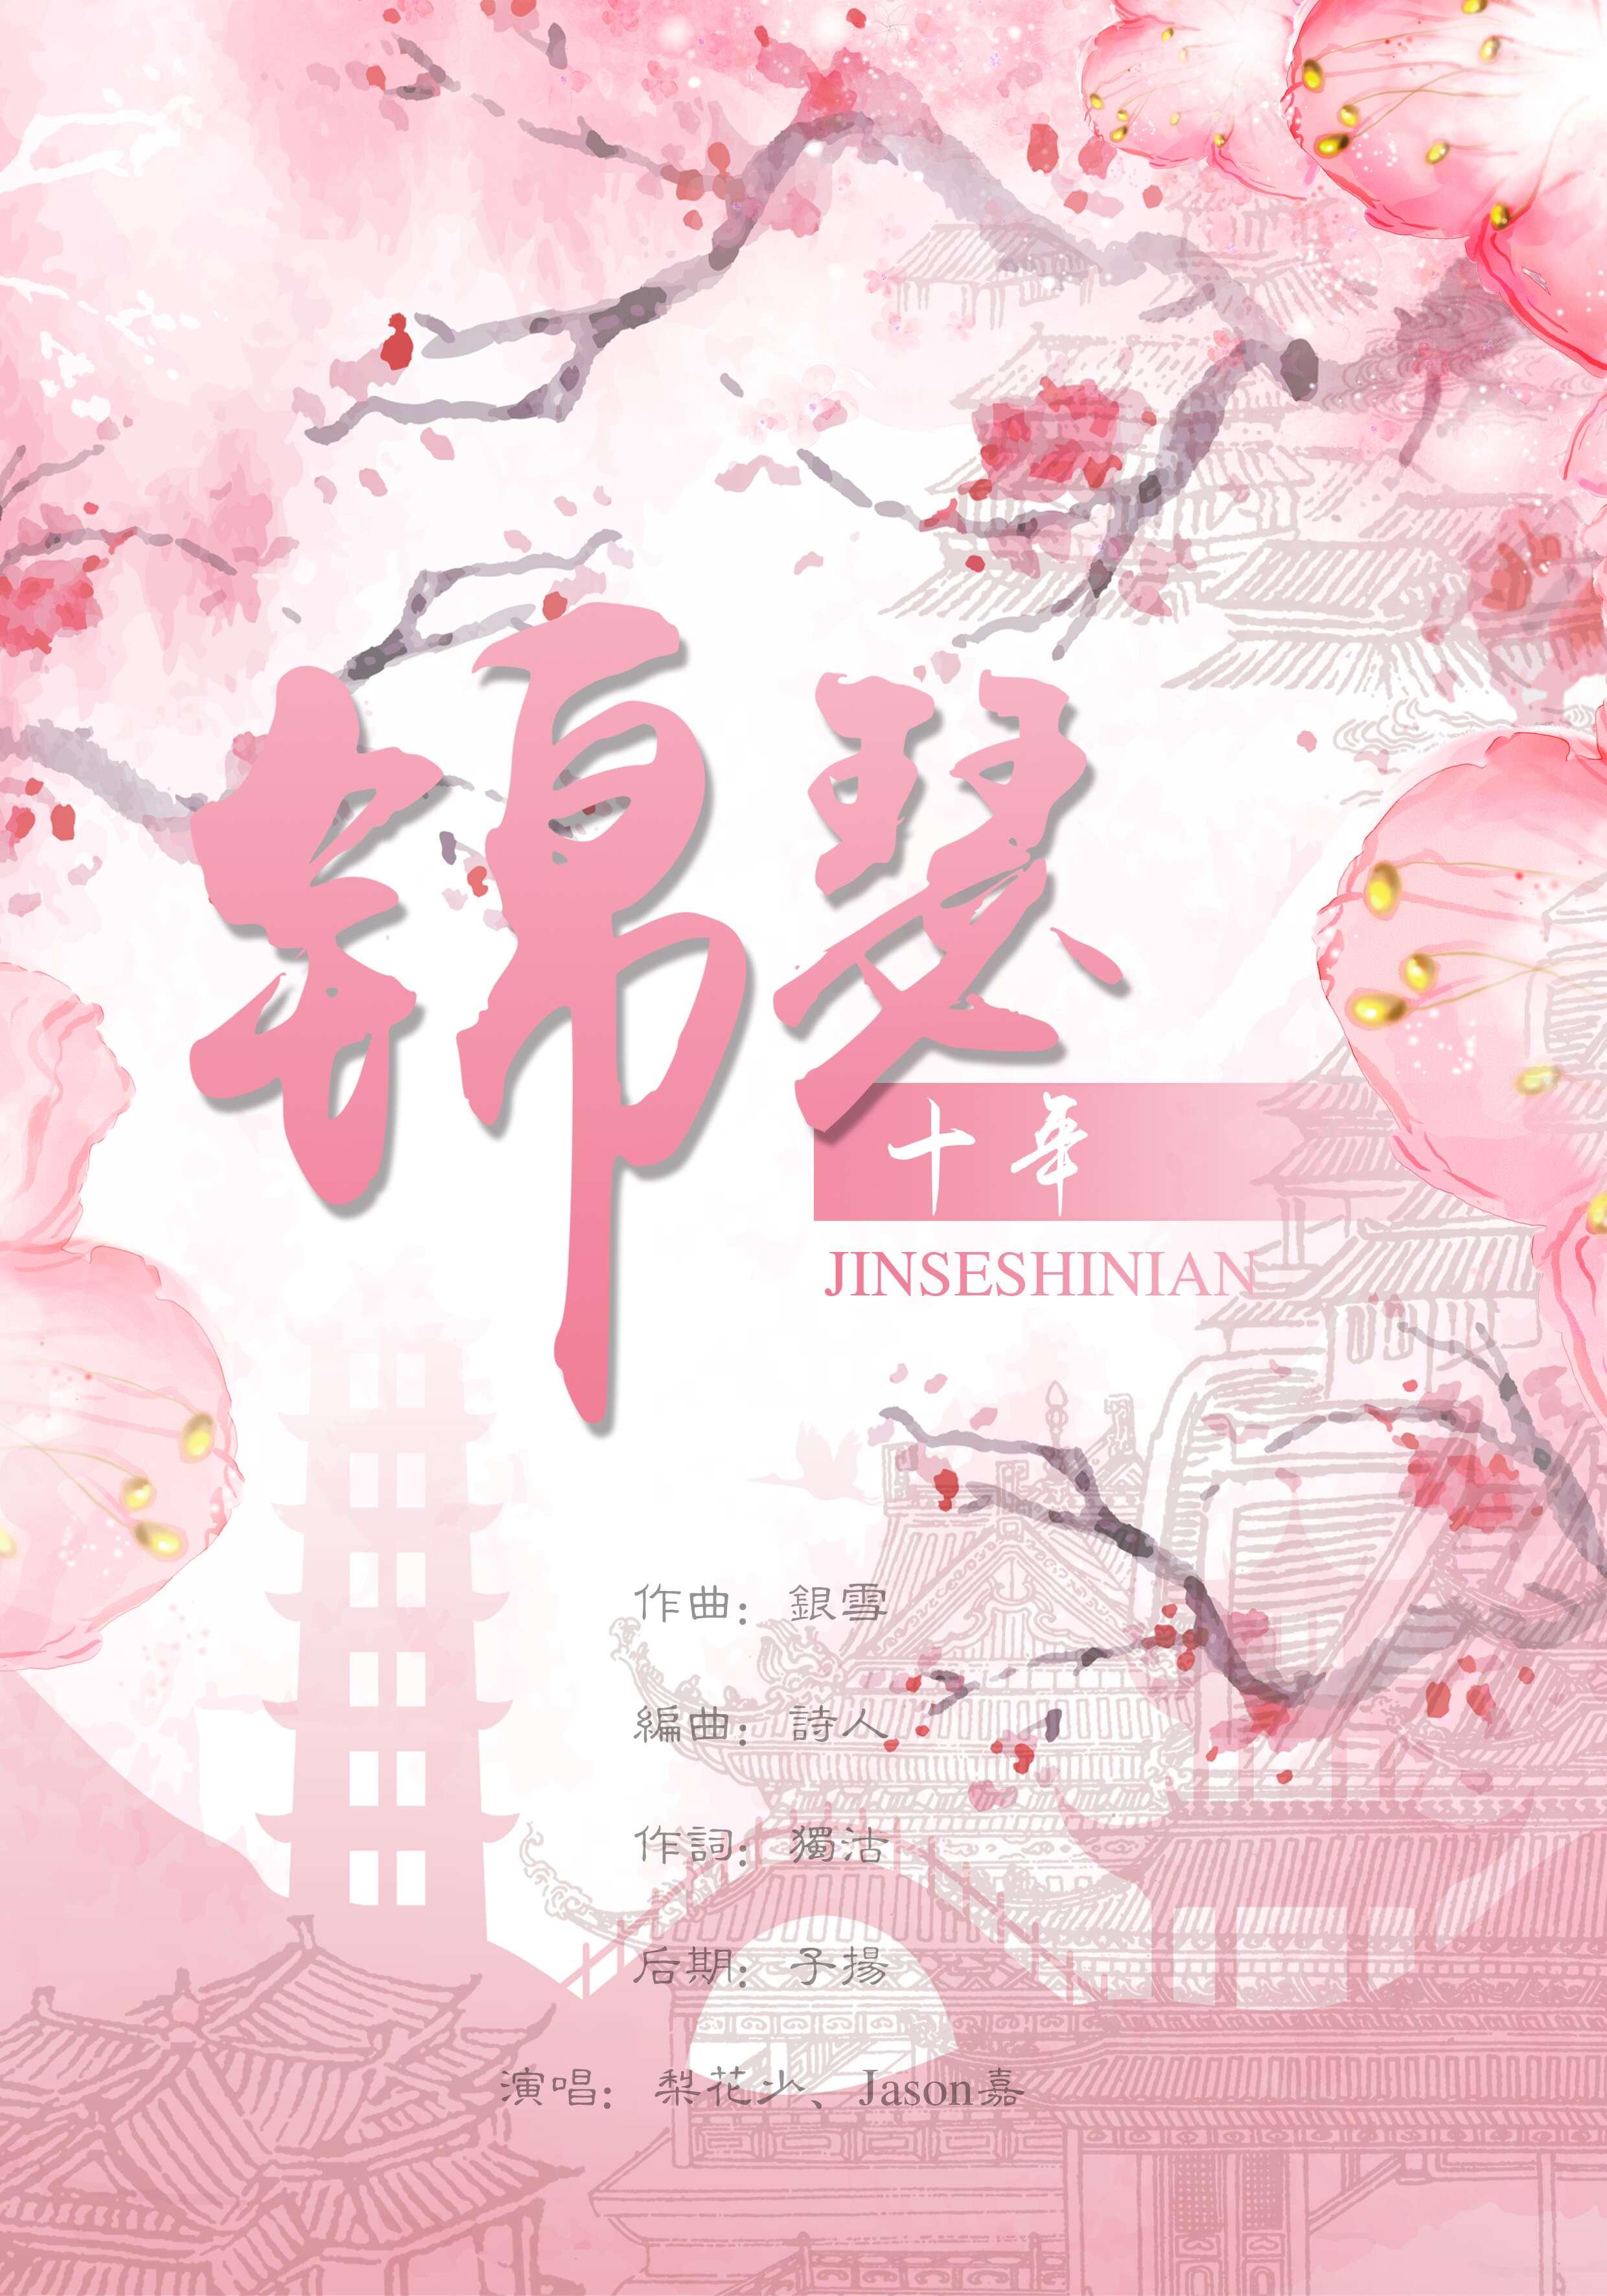 十年雪落_【古风】锦瑟十年ft.梨花少 - -Jason嘉- - 5SING中国原创音乐基地